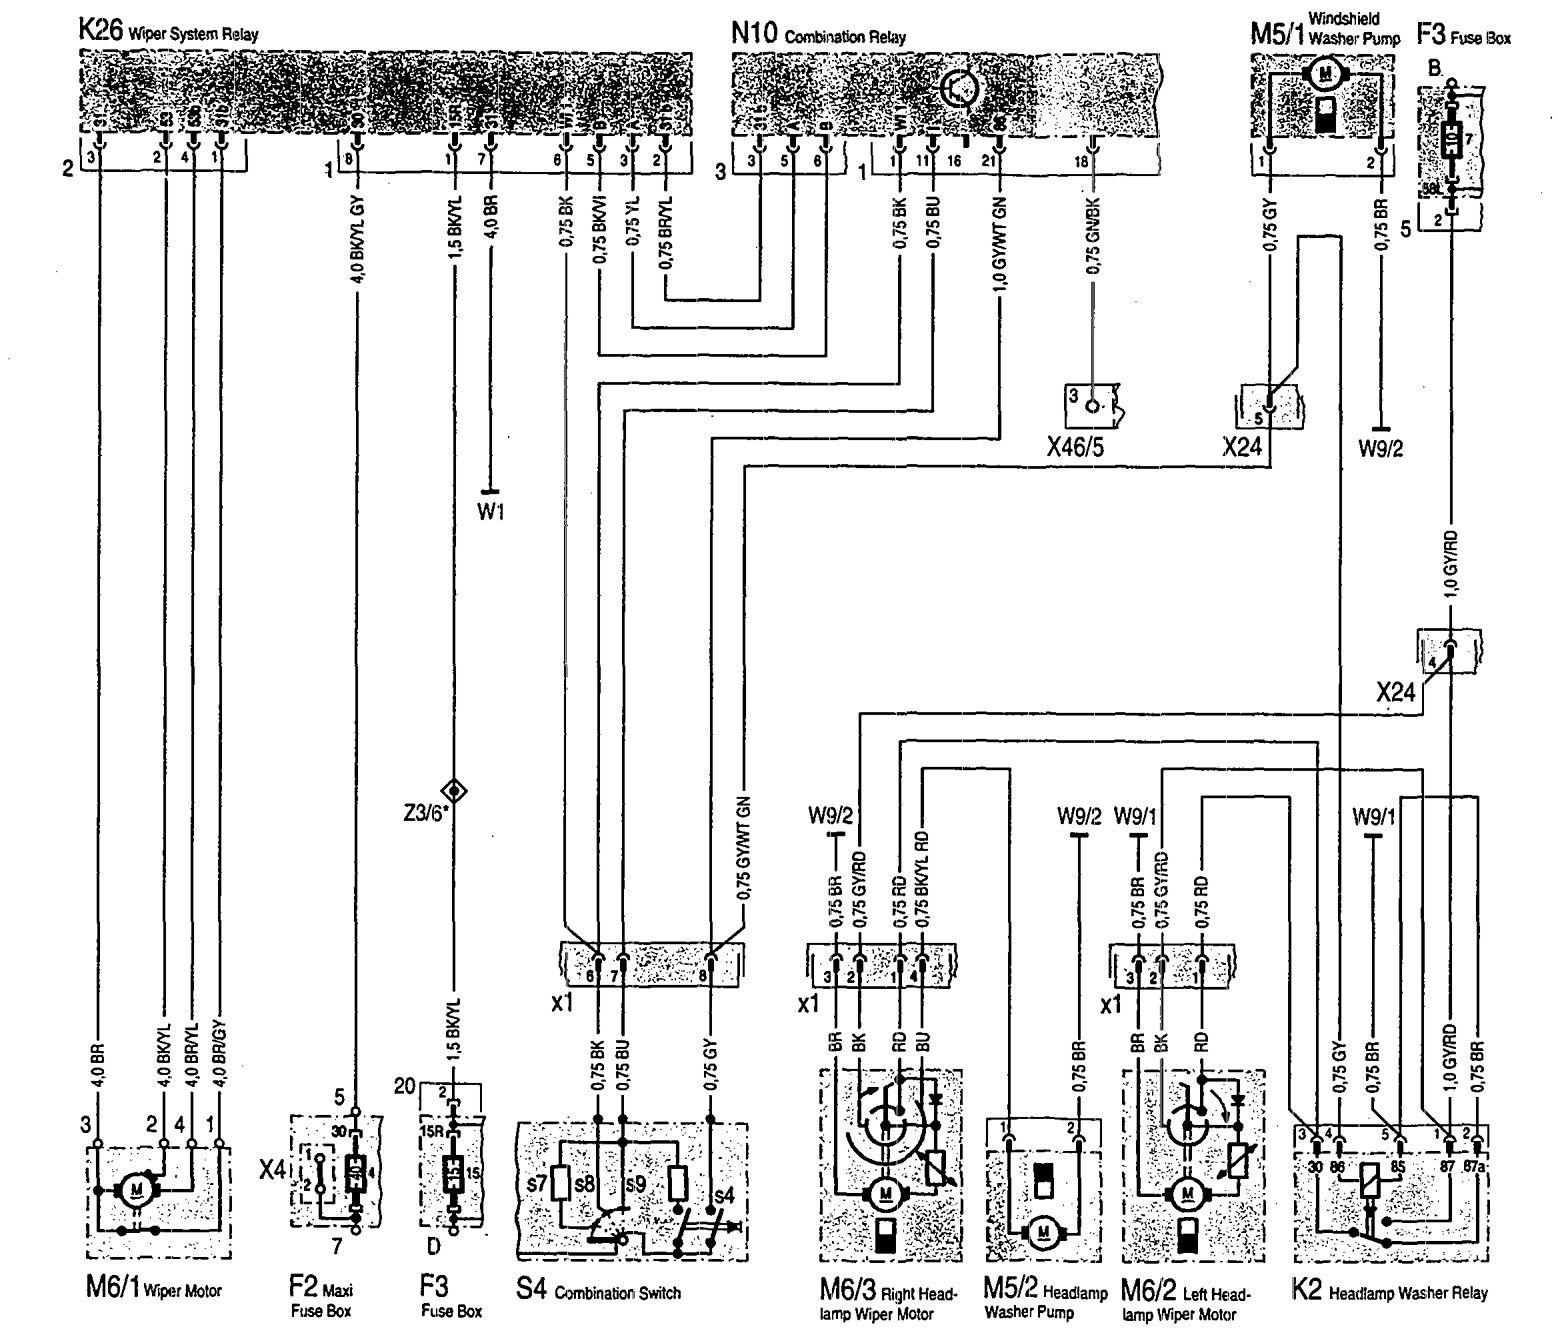 ... 1990 Maytag Washing Machine on maytag schematic diagram, kitchenaid  dishwasher wiring schematic, frigidaire dryer ...